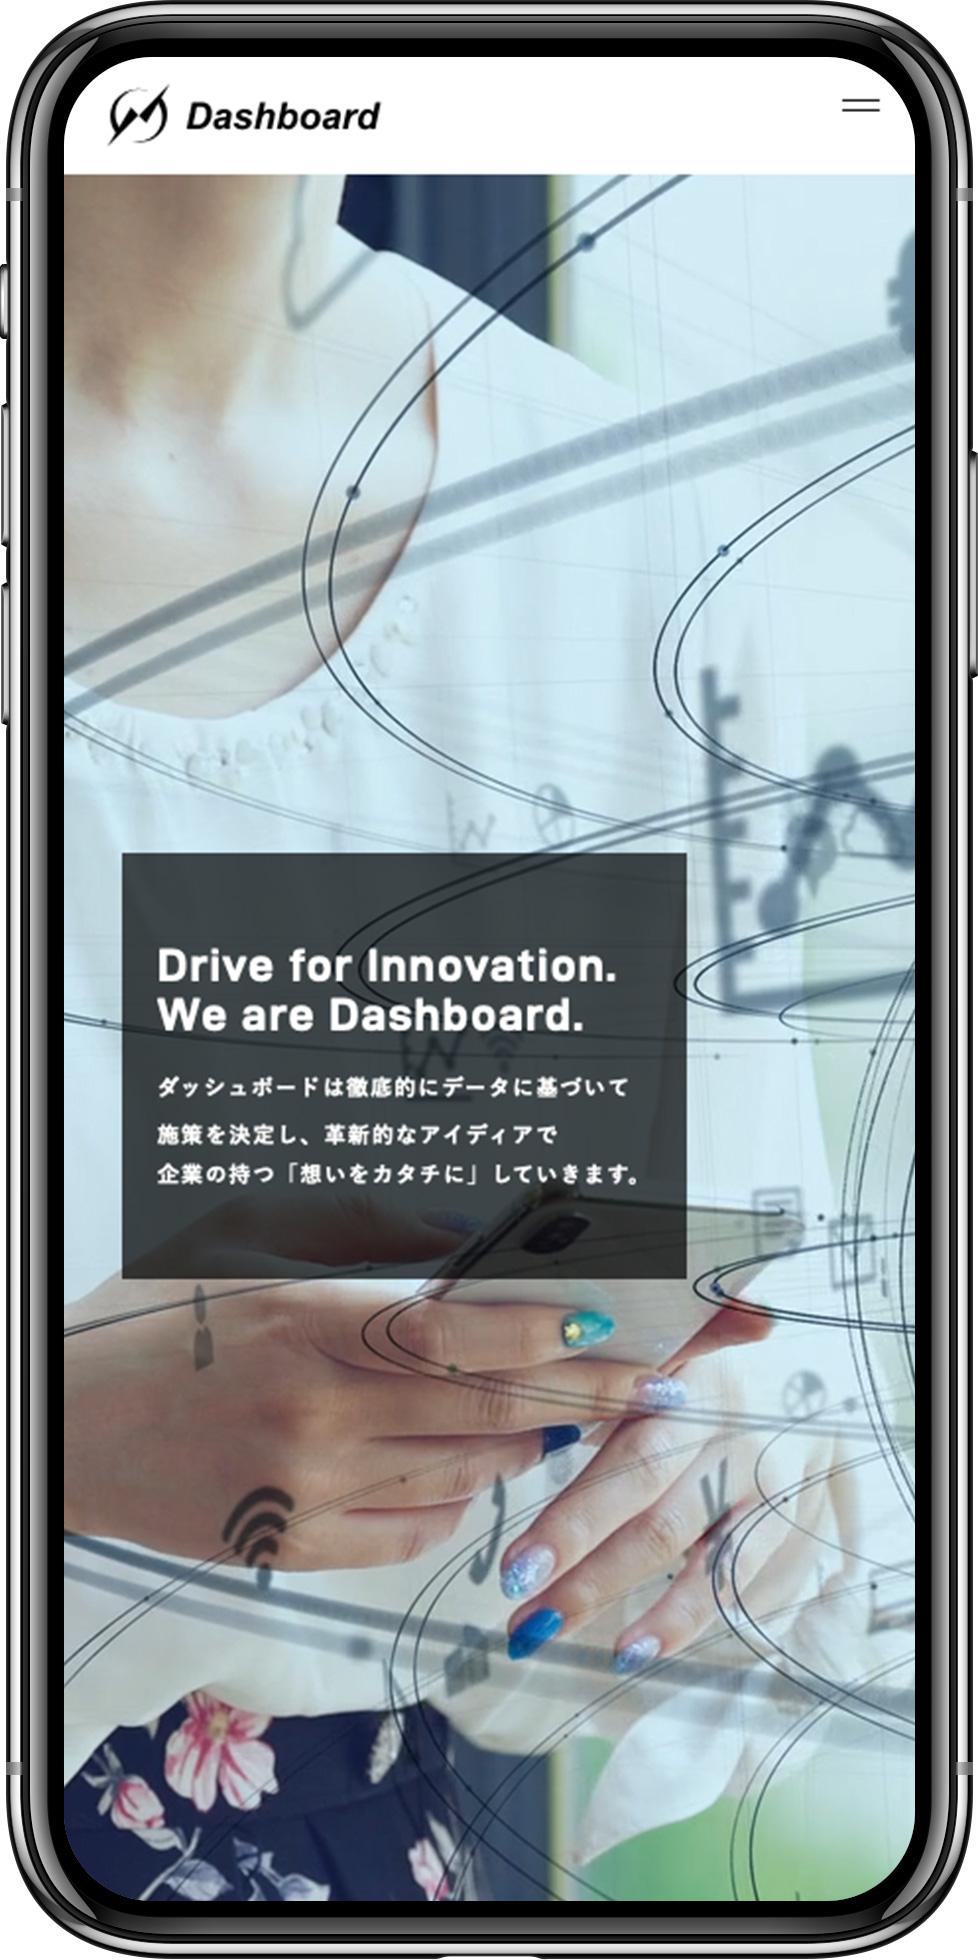 https://artpeace.jp/wp-content/uploads/2020/04/dashboard_1.png